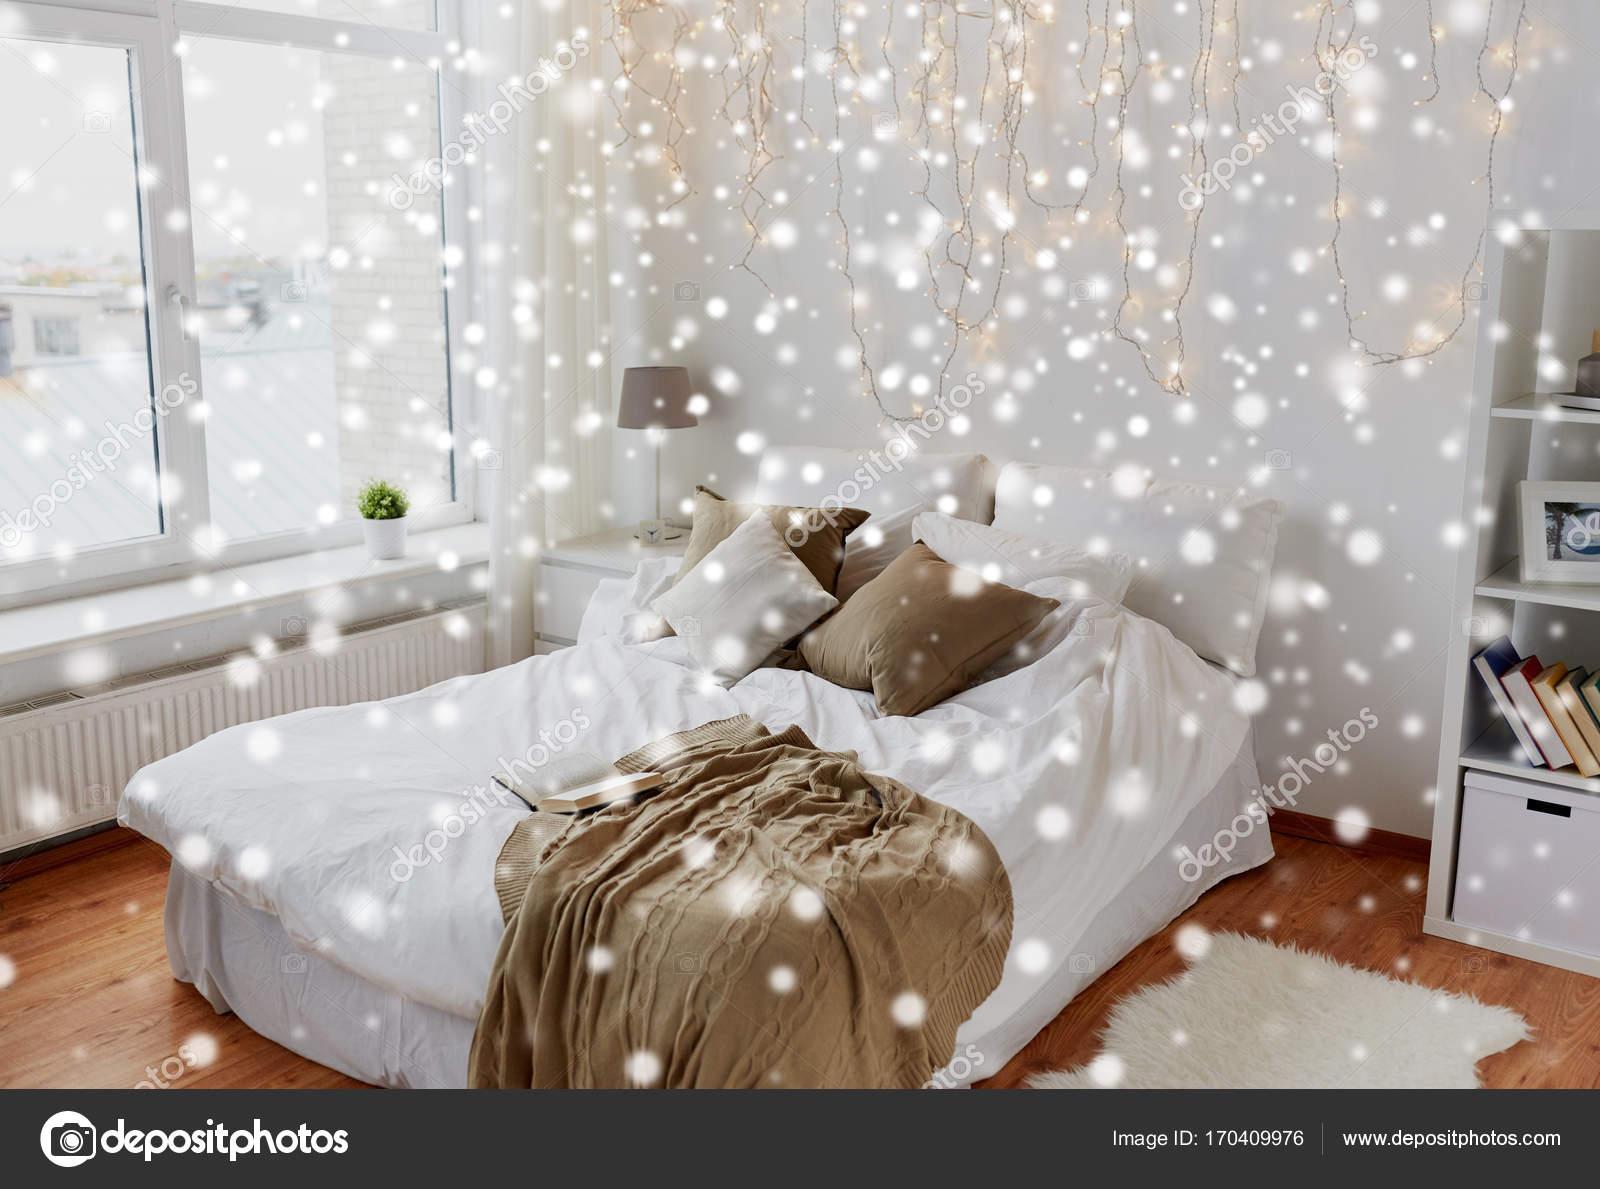 Sypialnia Z łóżkiem I Boże Narodzenie Girlanda W Domu